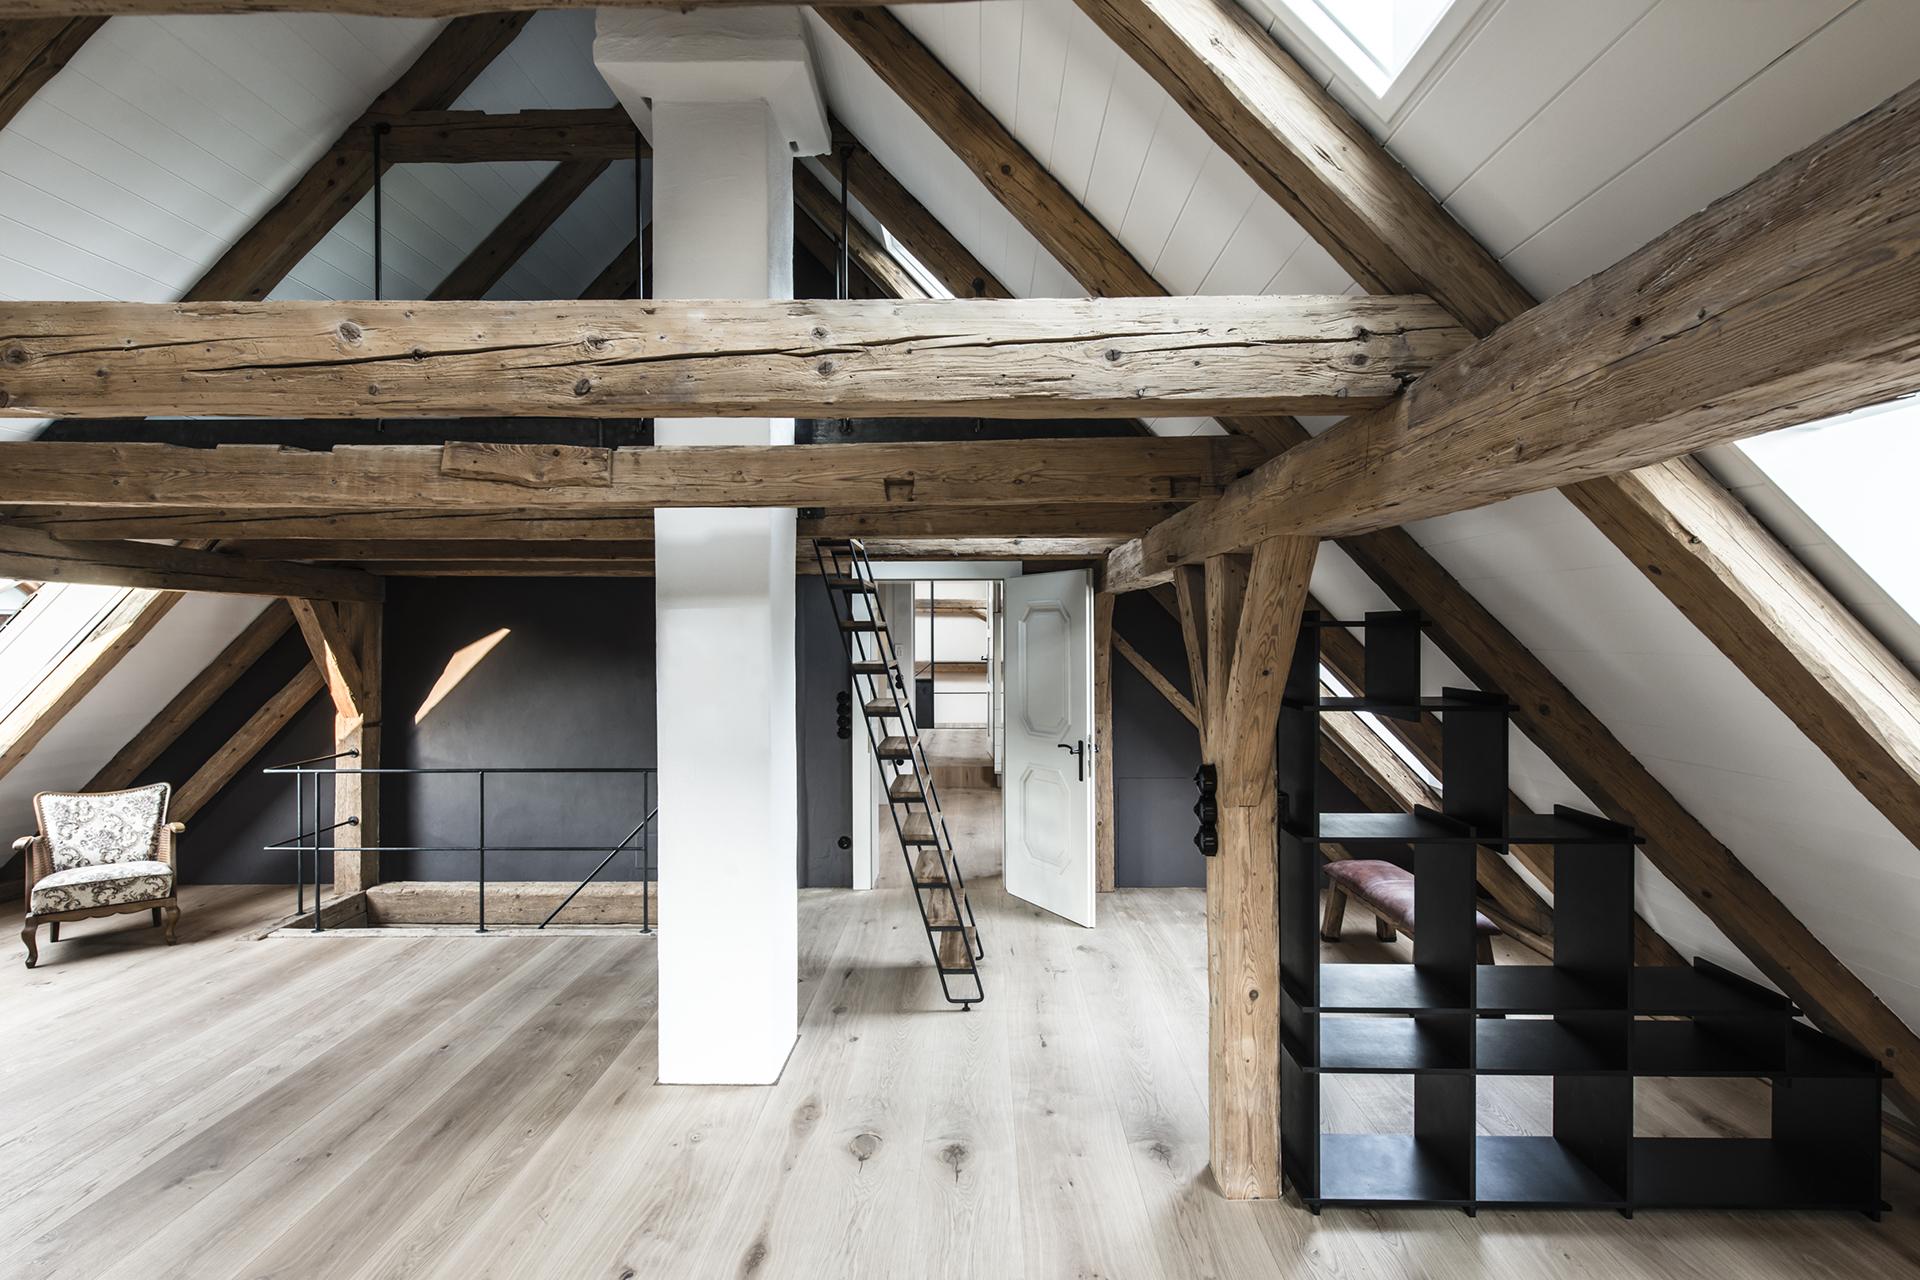 007-interior-design-residential-farmhouse-renovation-buero-philipp-moeller.jpg